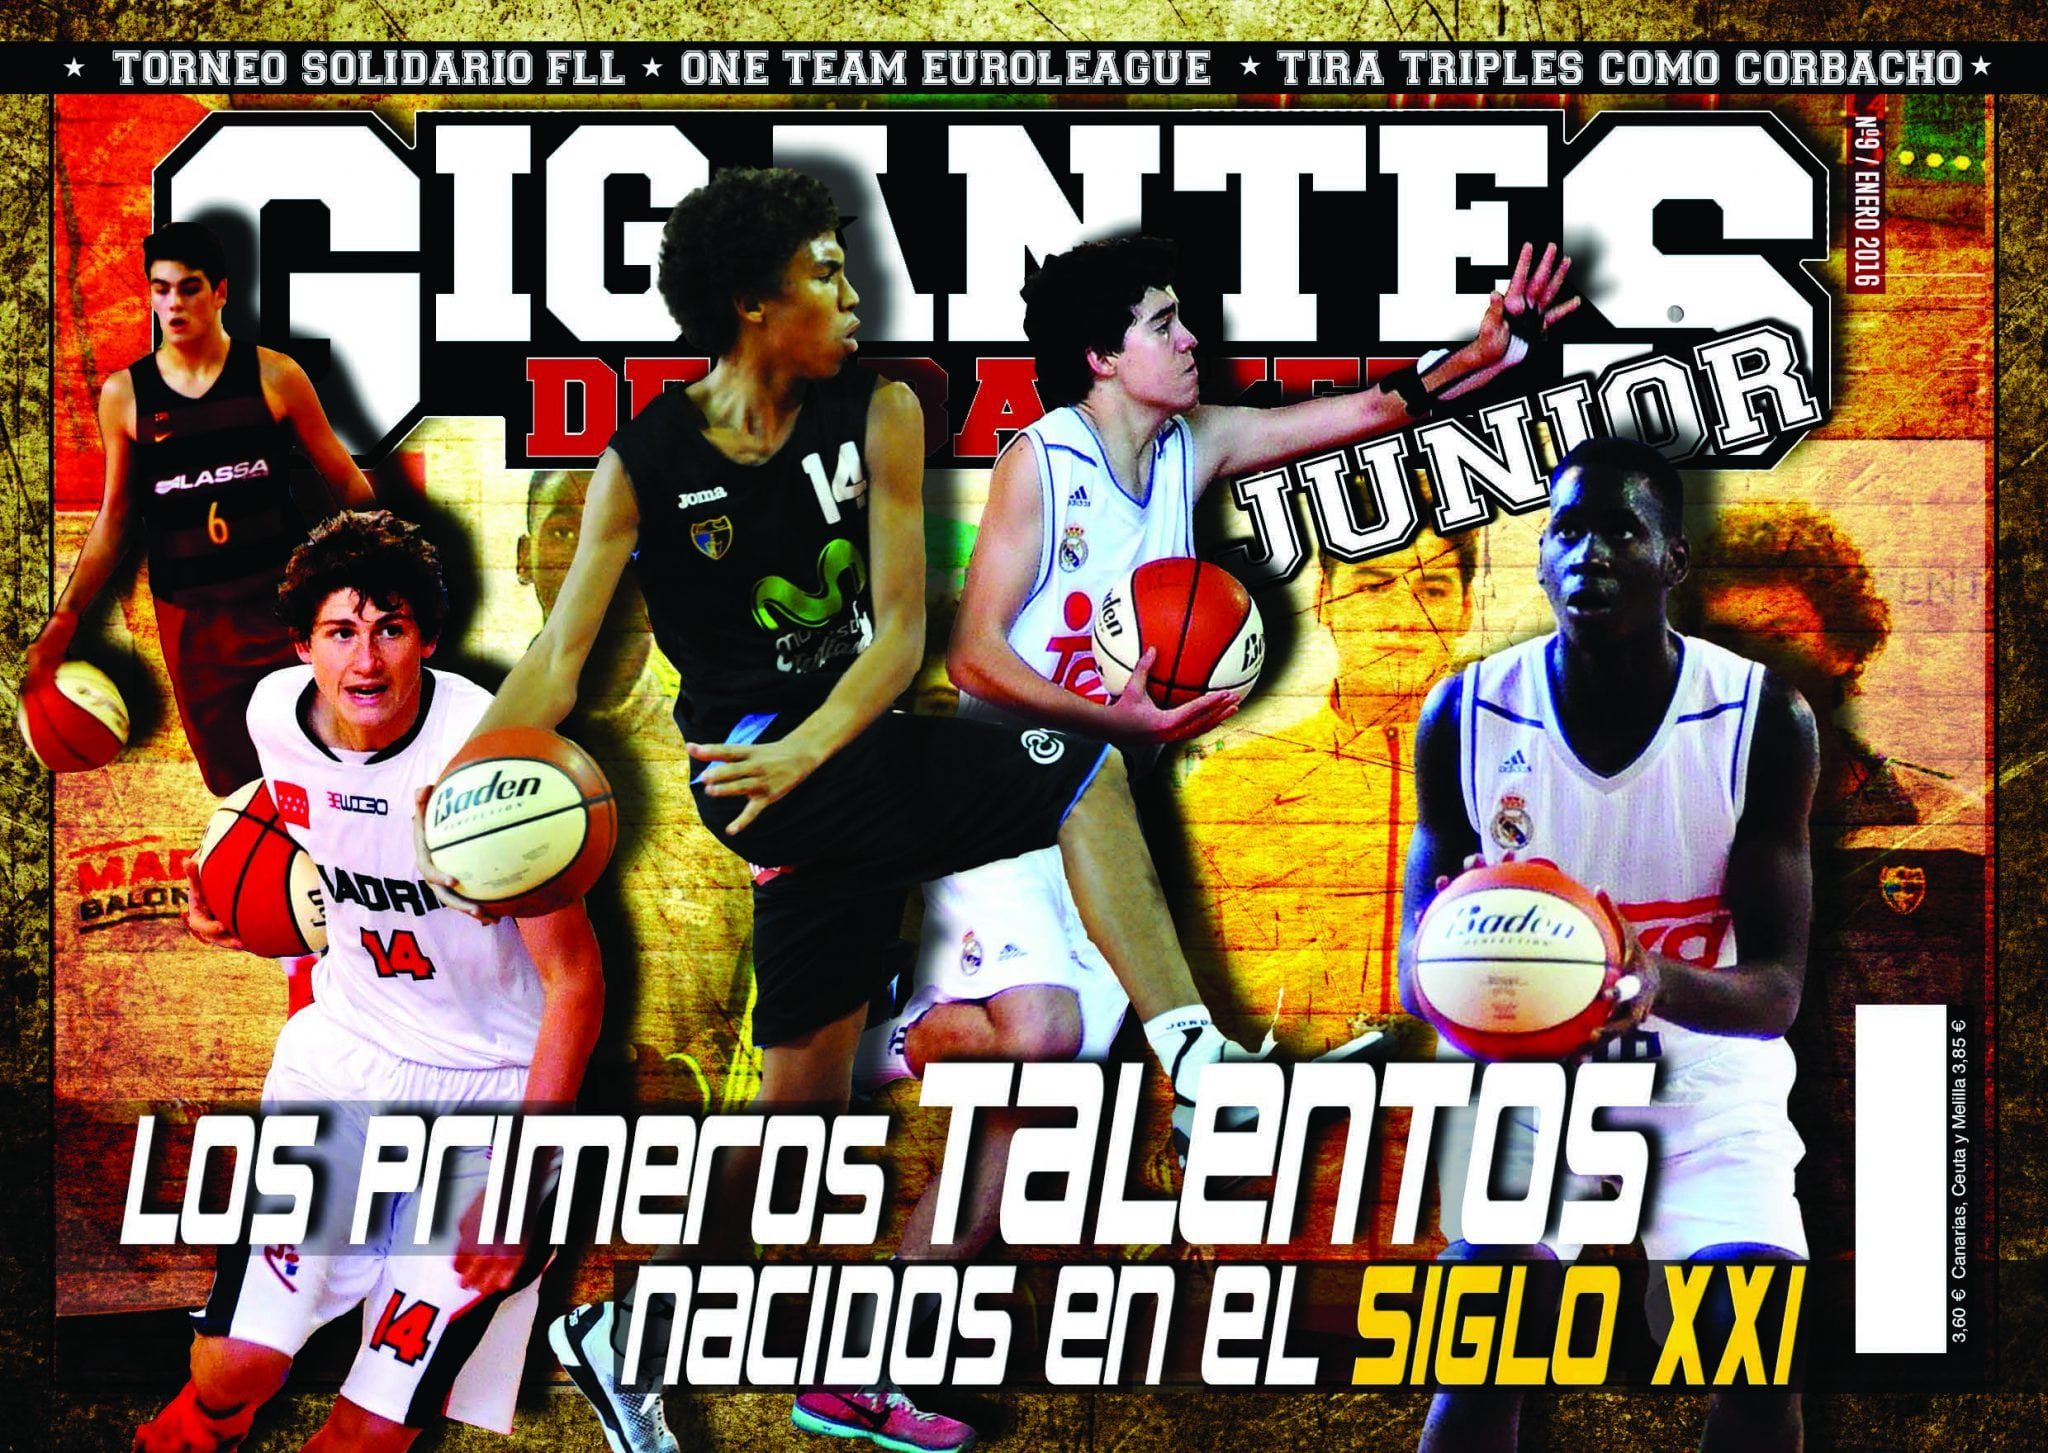 Ya está aquí el número de enero de Gigantes Junior. ¿Quiénes son los talentos del siglo XXI?